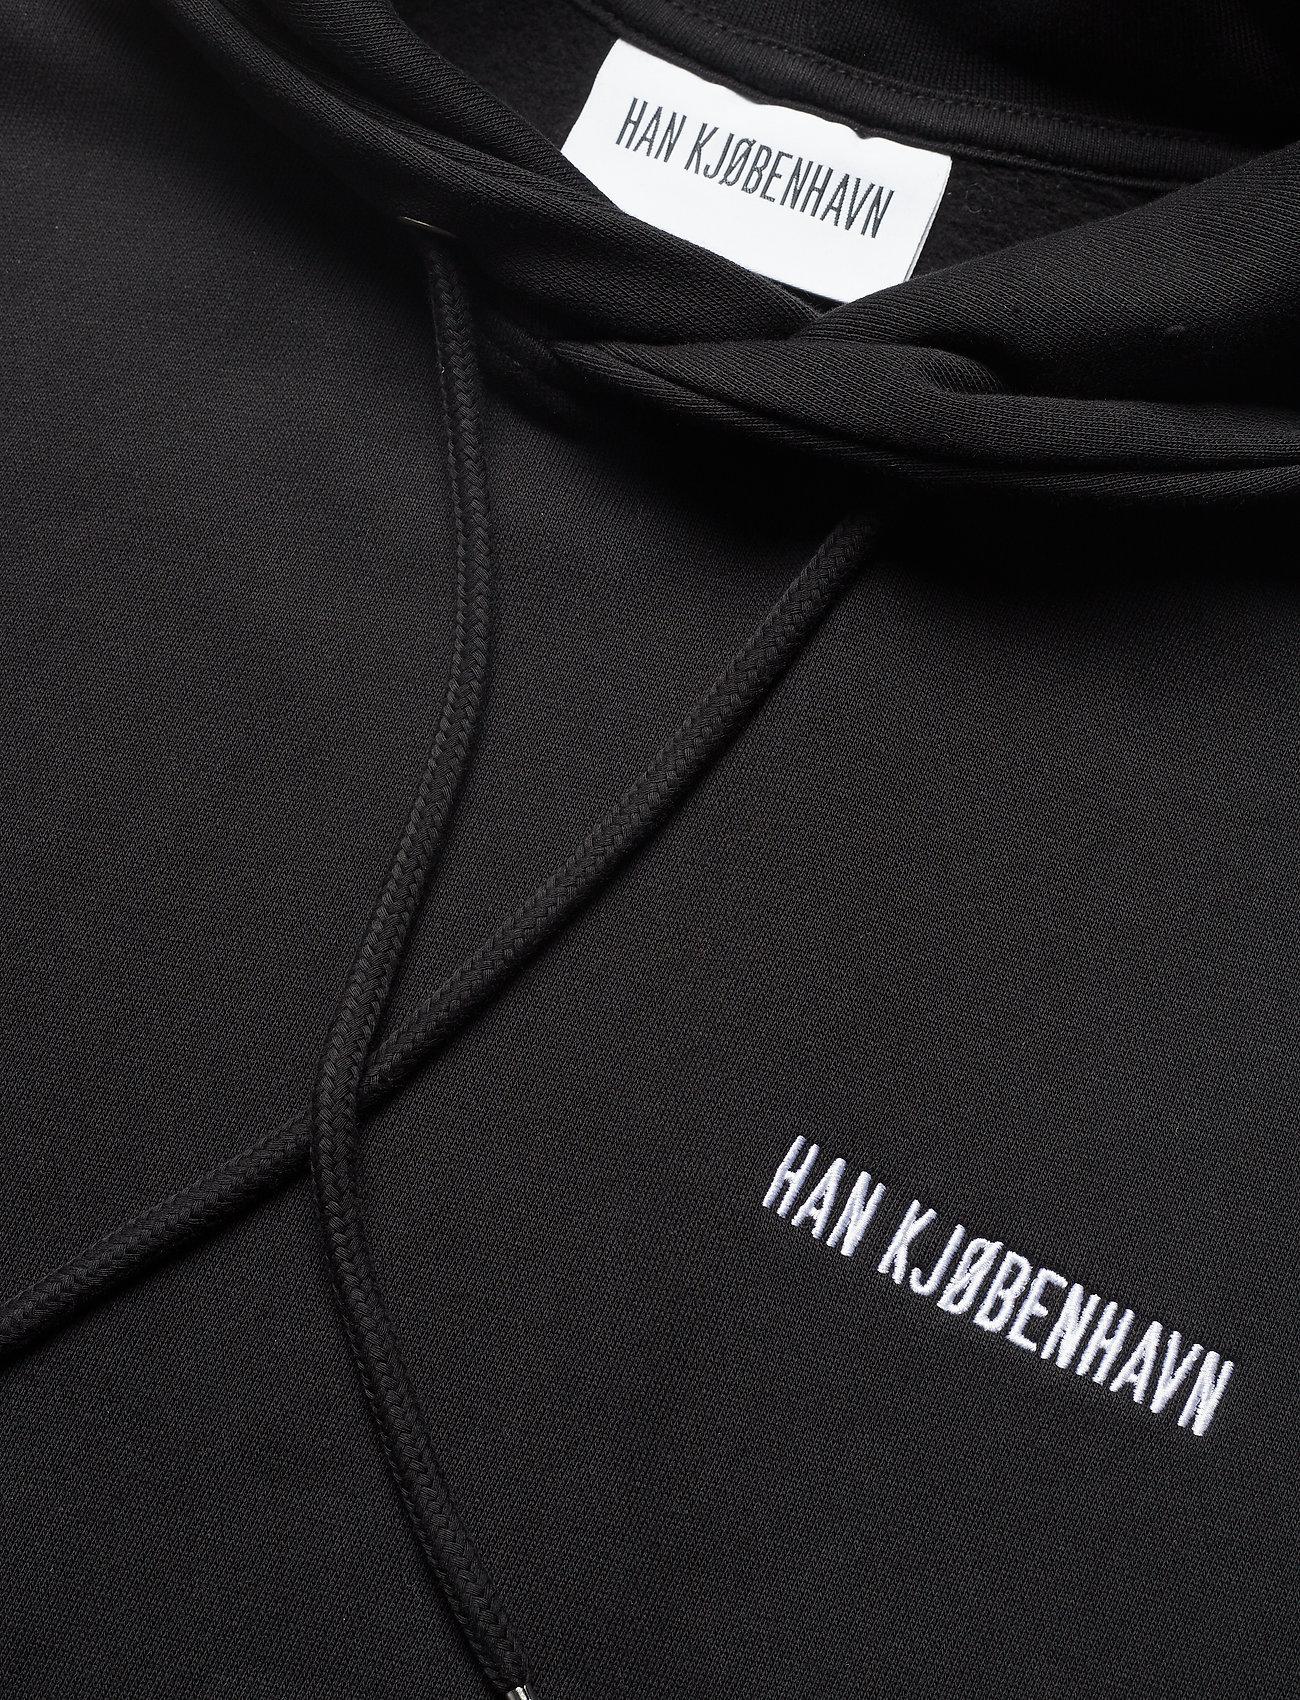 HAN Kjøbenhavn - Casual Hoodie - hoodies - black - 2